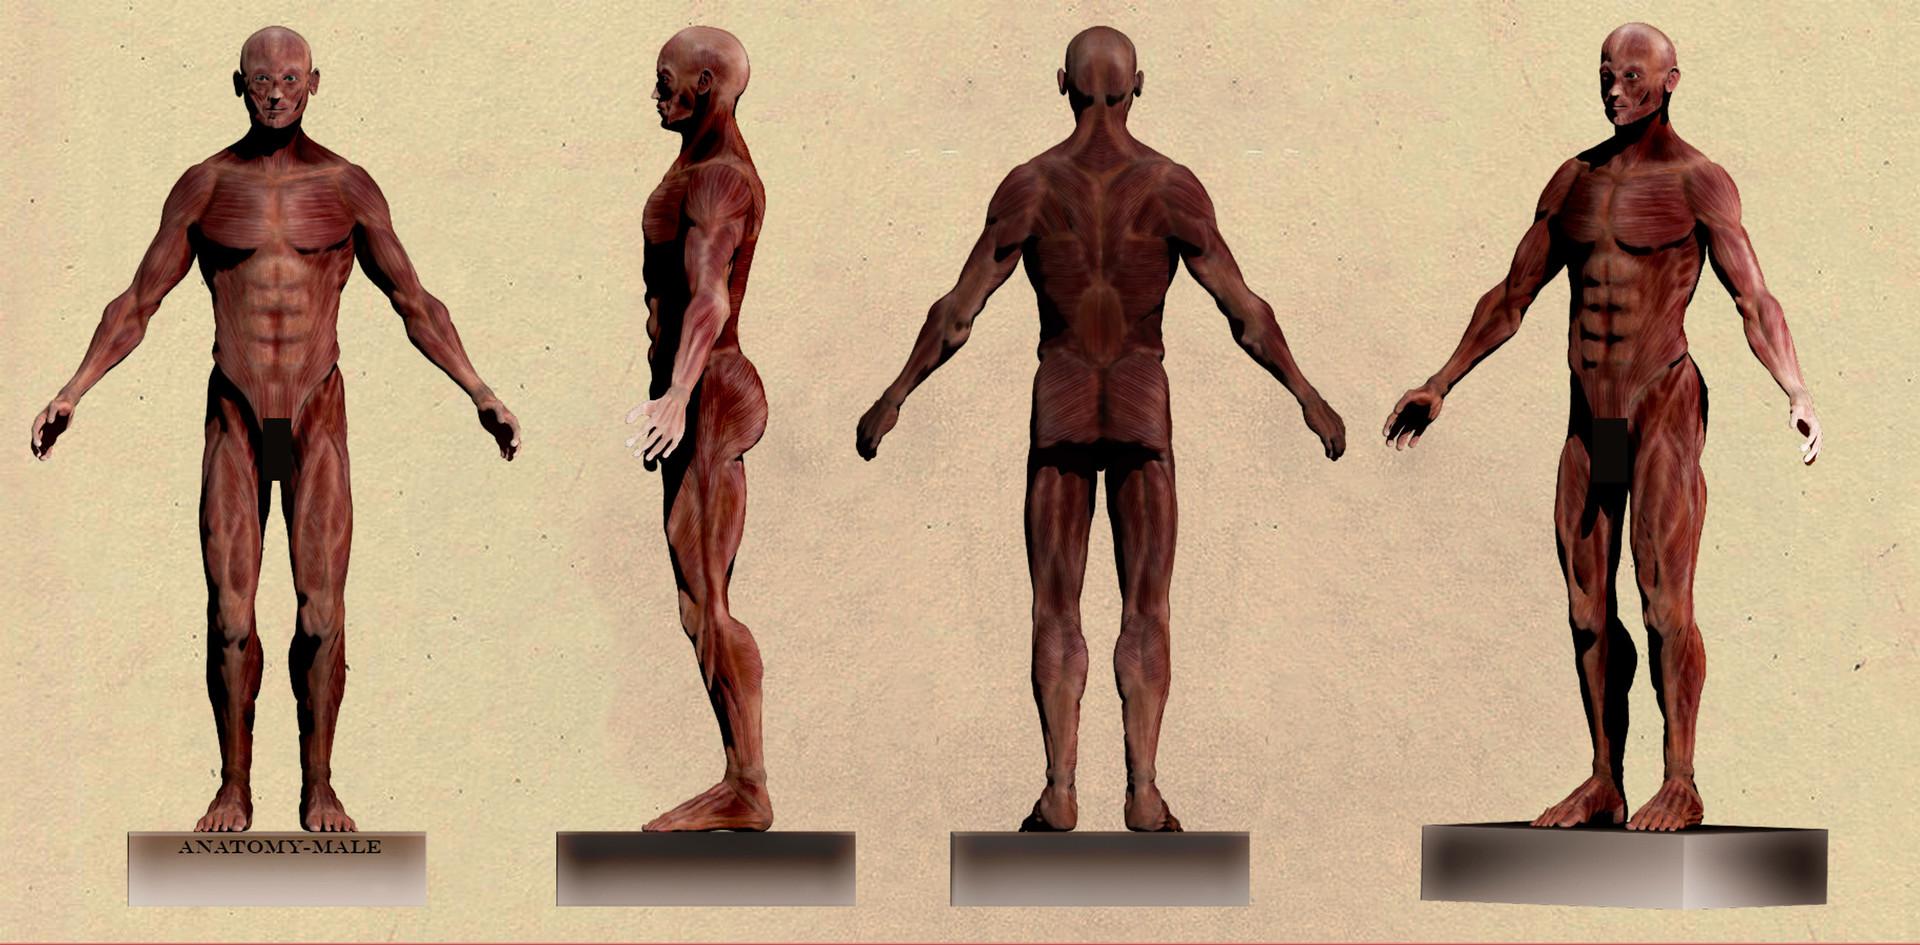 ArtStation - Model 3D, Mélanie GASTEBLÉ